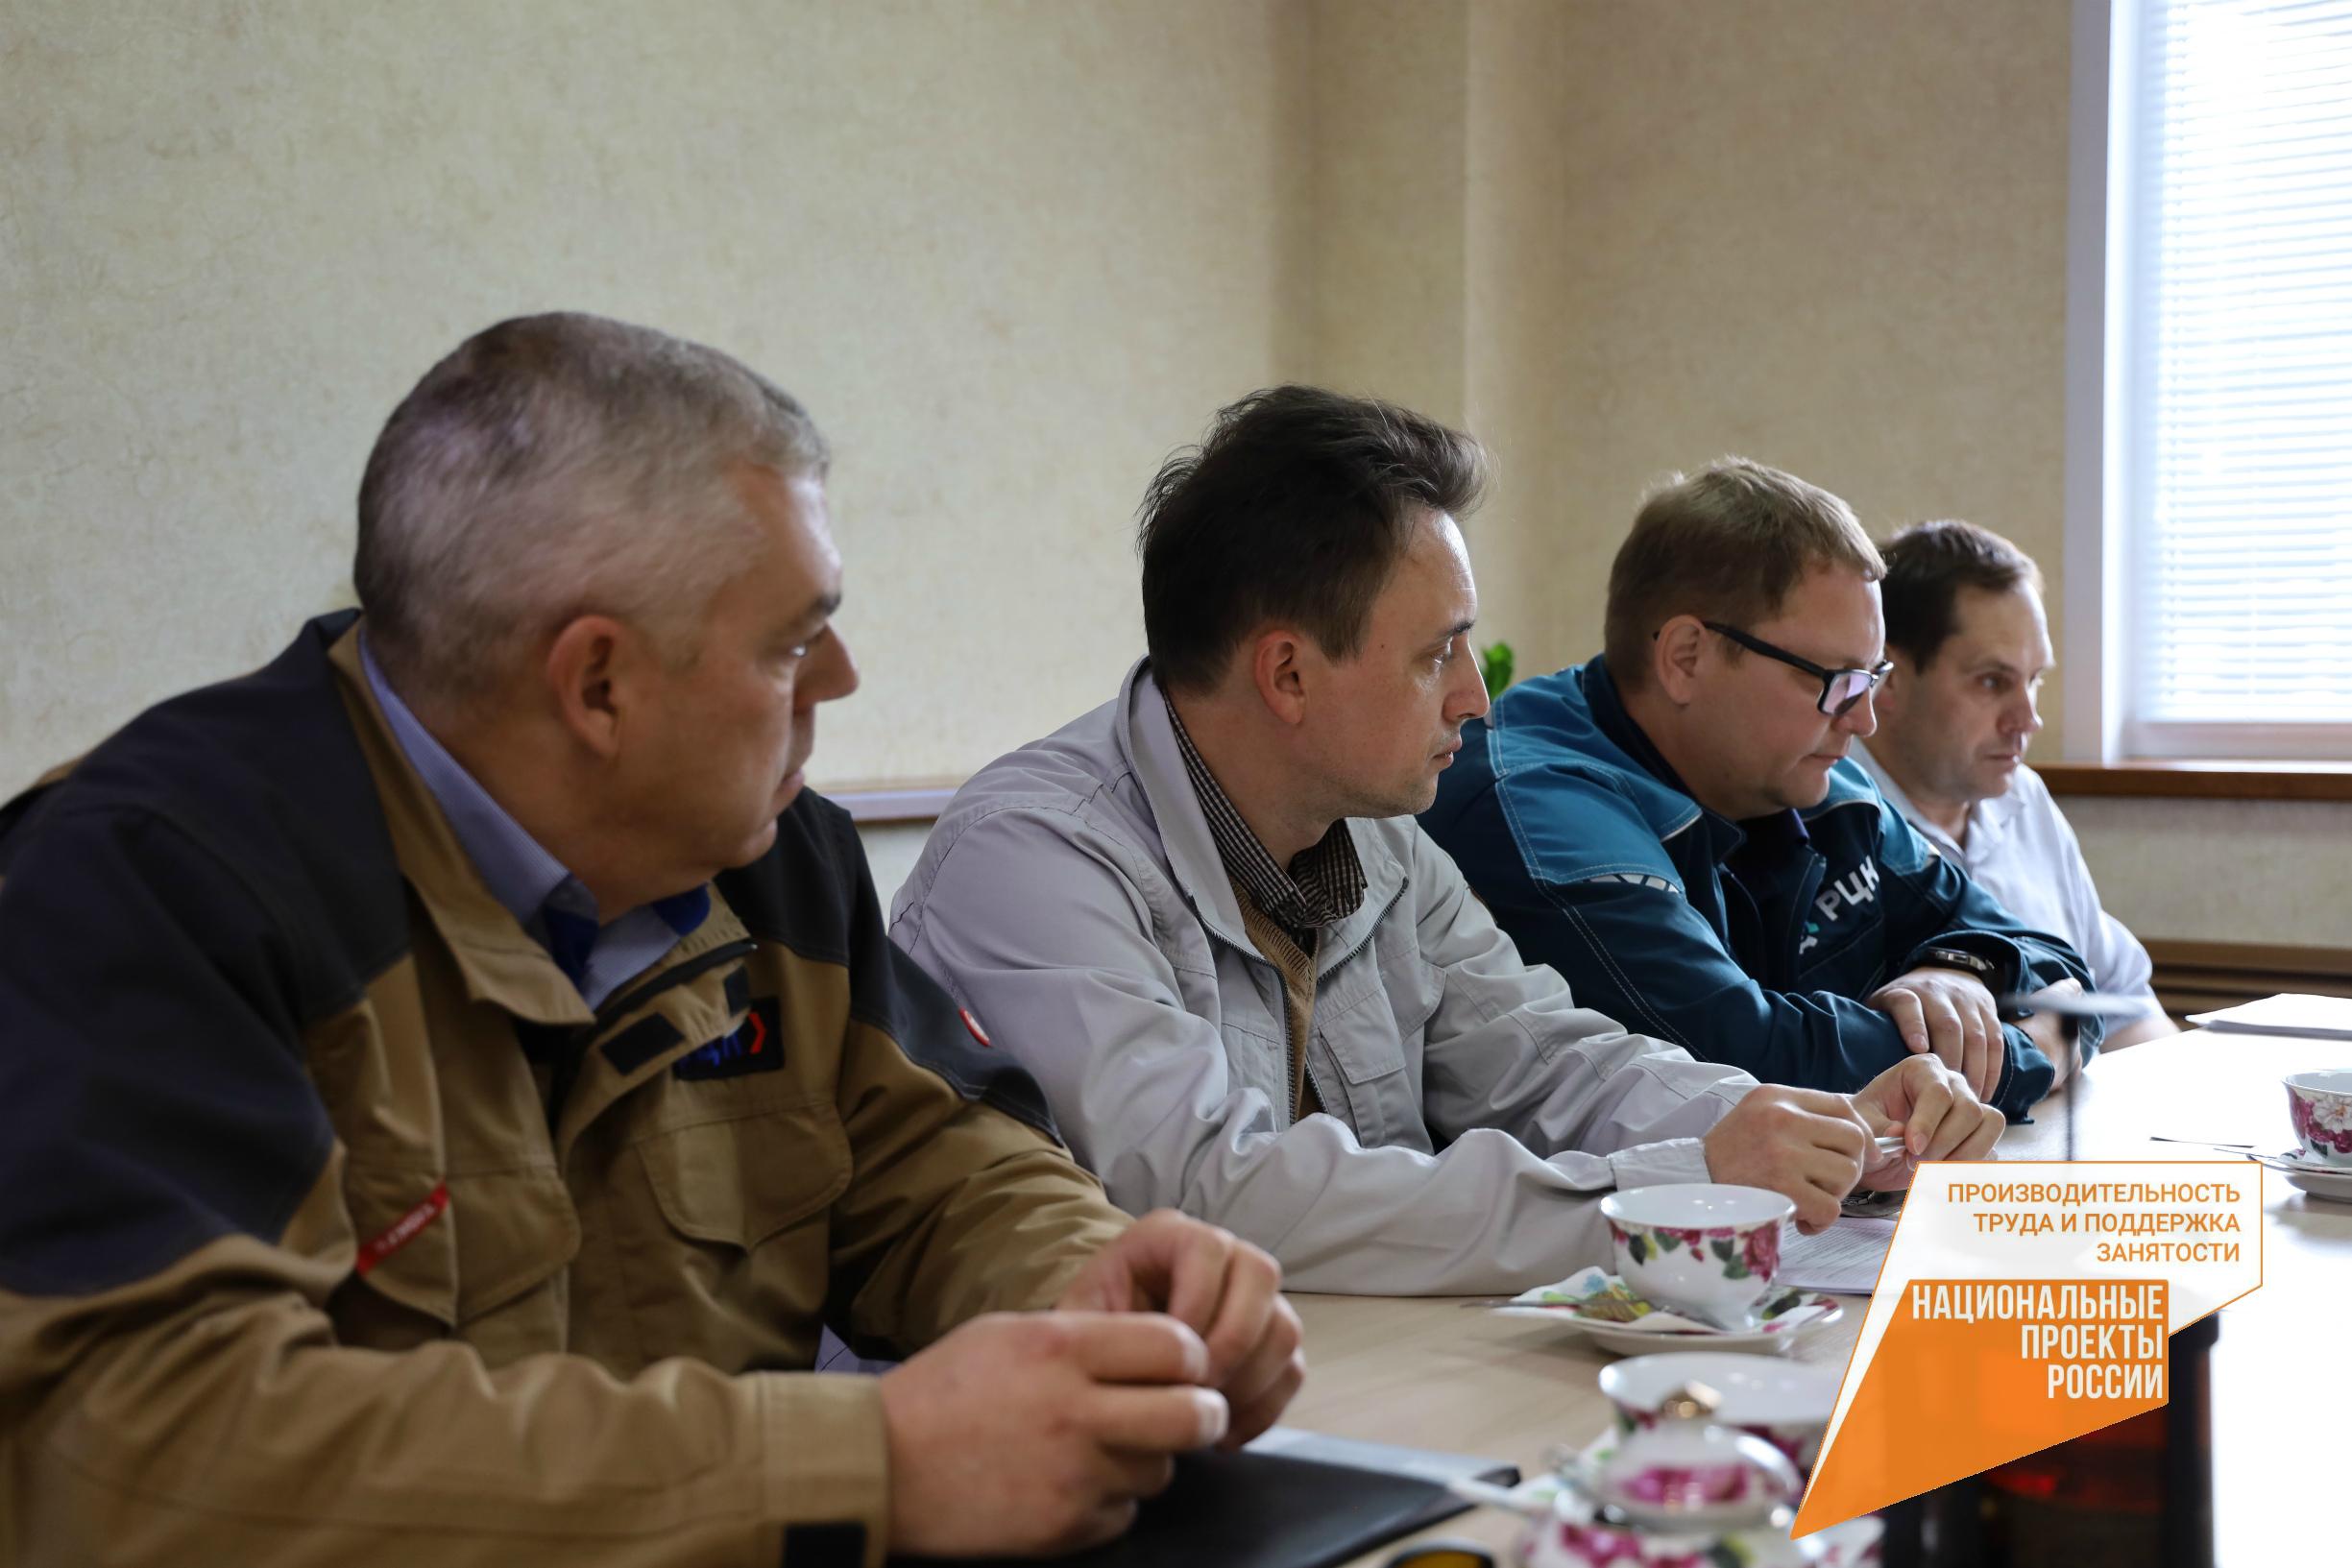 Средний показатель повышения производительности труда по предприятиям Самарской области составил 133%